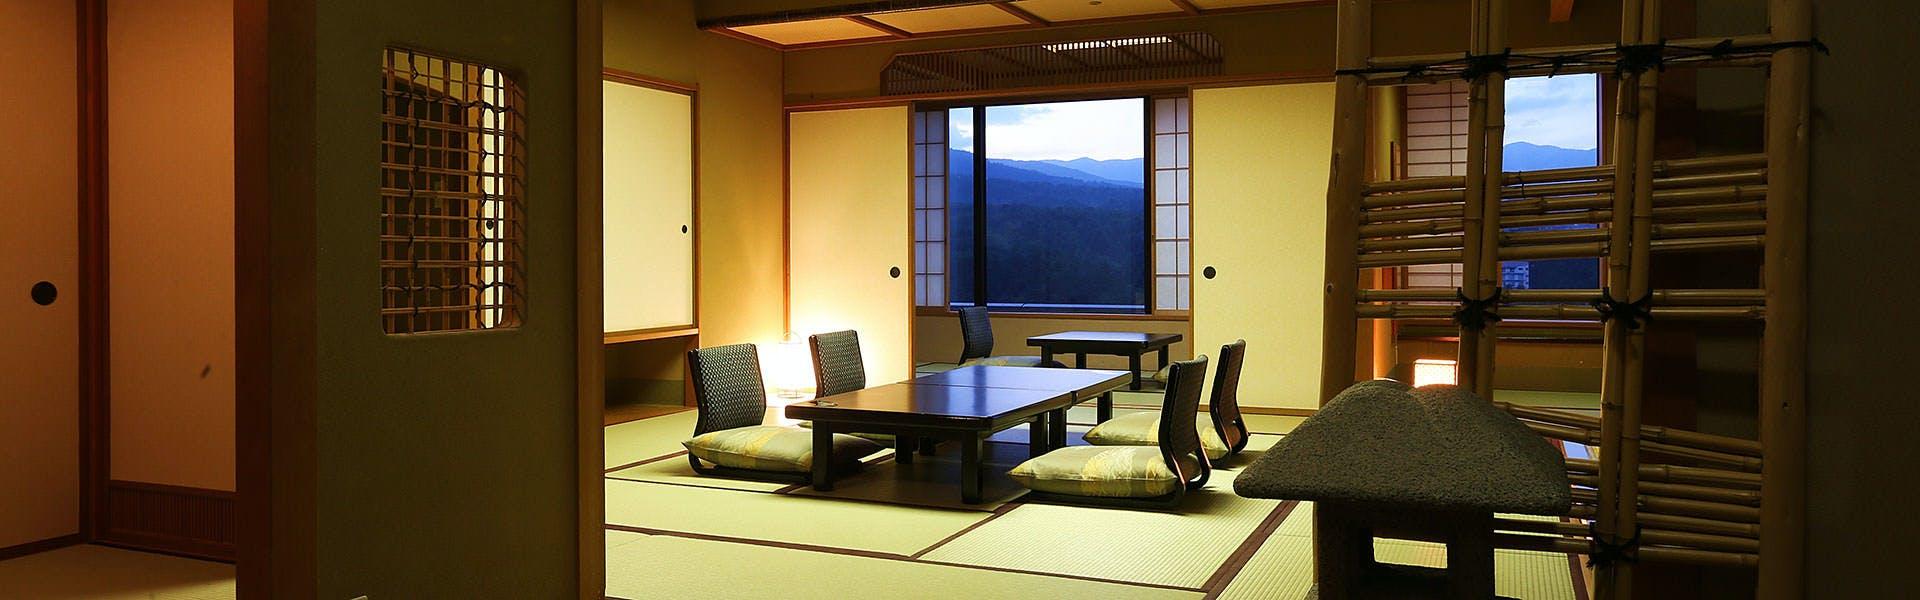 記念日におすすめのホテル・草津温泉 ホテル櫻井の写真3